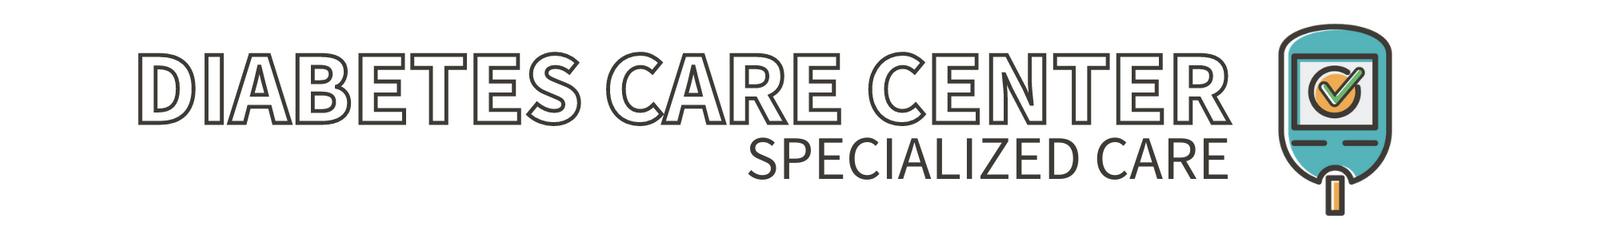 DIABETES CARE CENTER (5).png